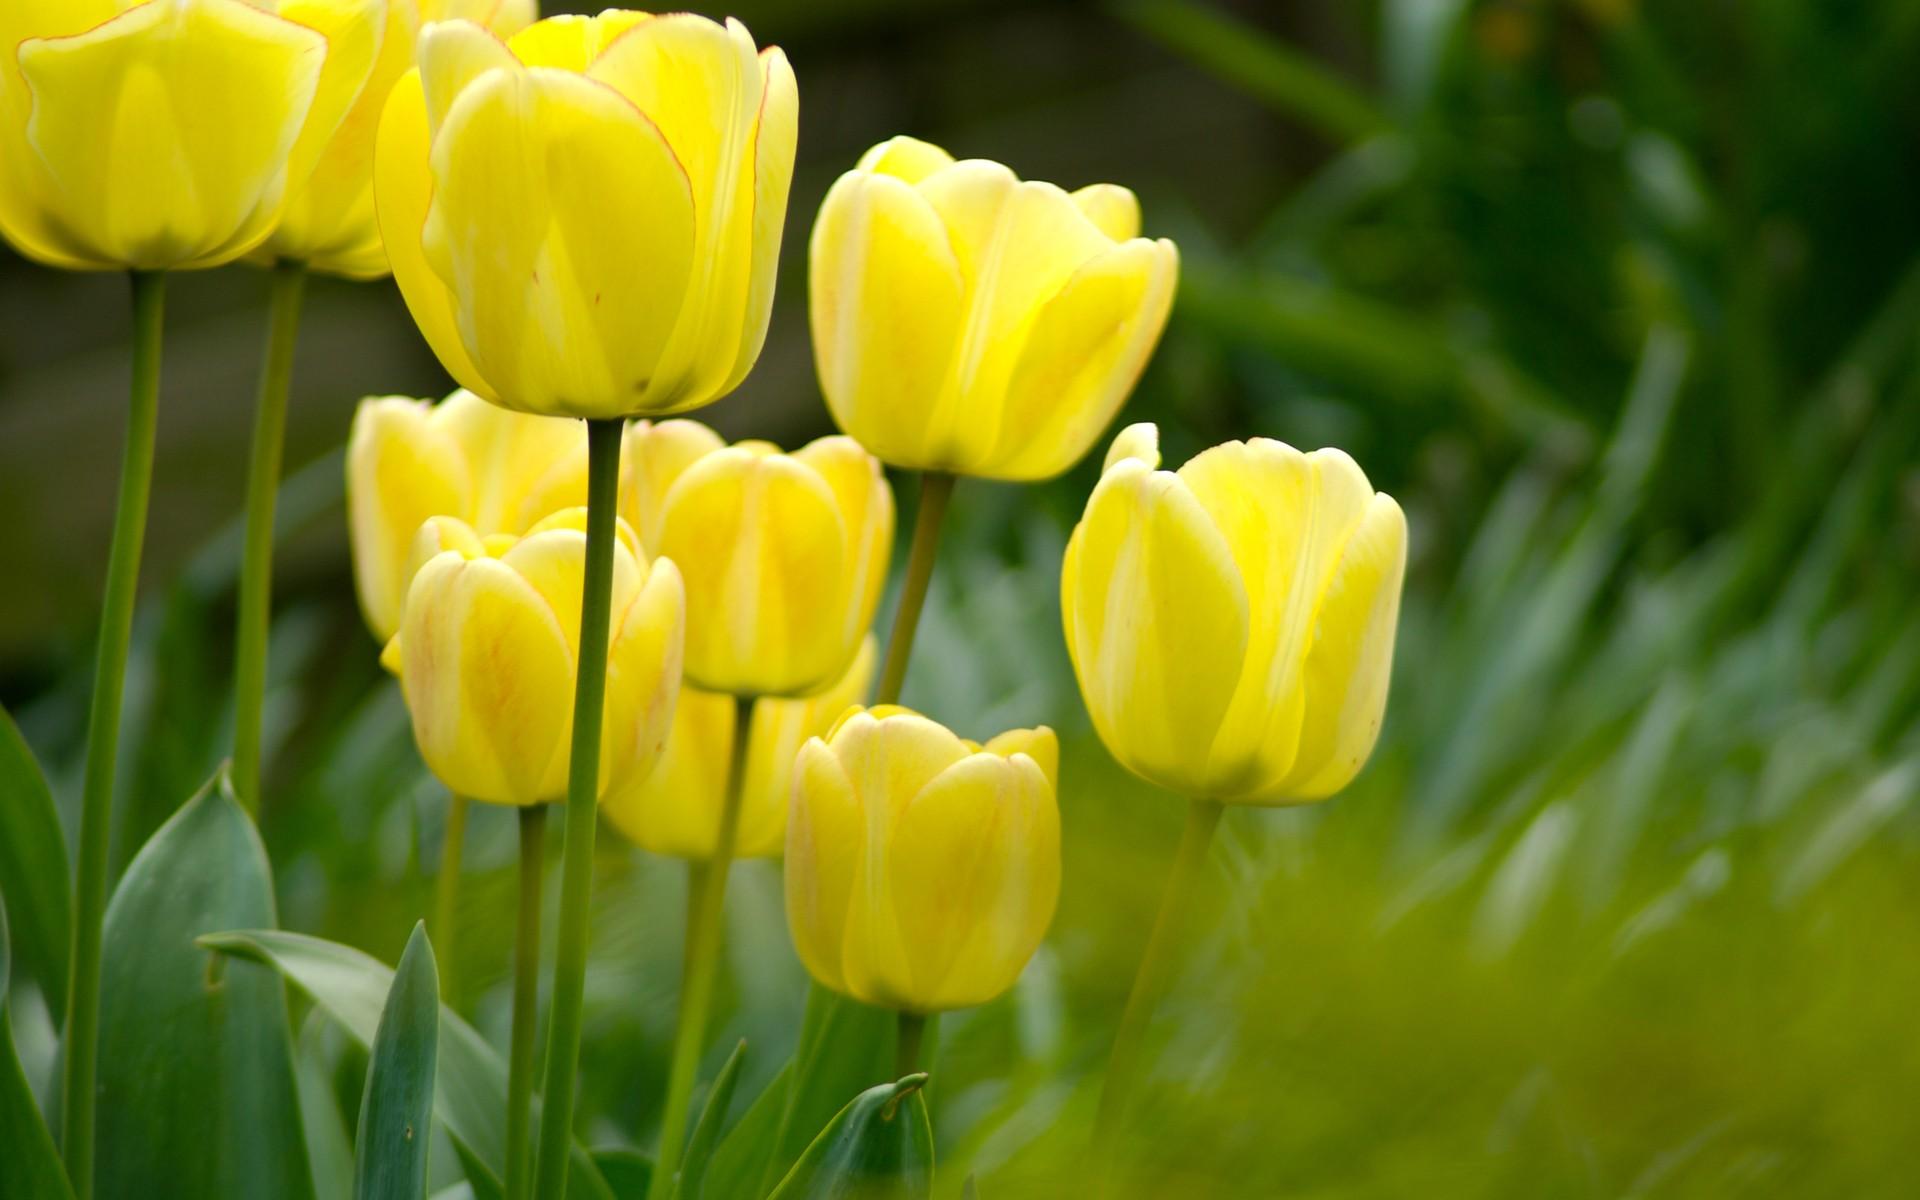 Yellow flowers 14141 1920x1200px yellow flowers 14141 mightylinksfo